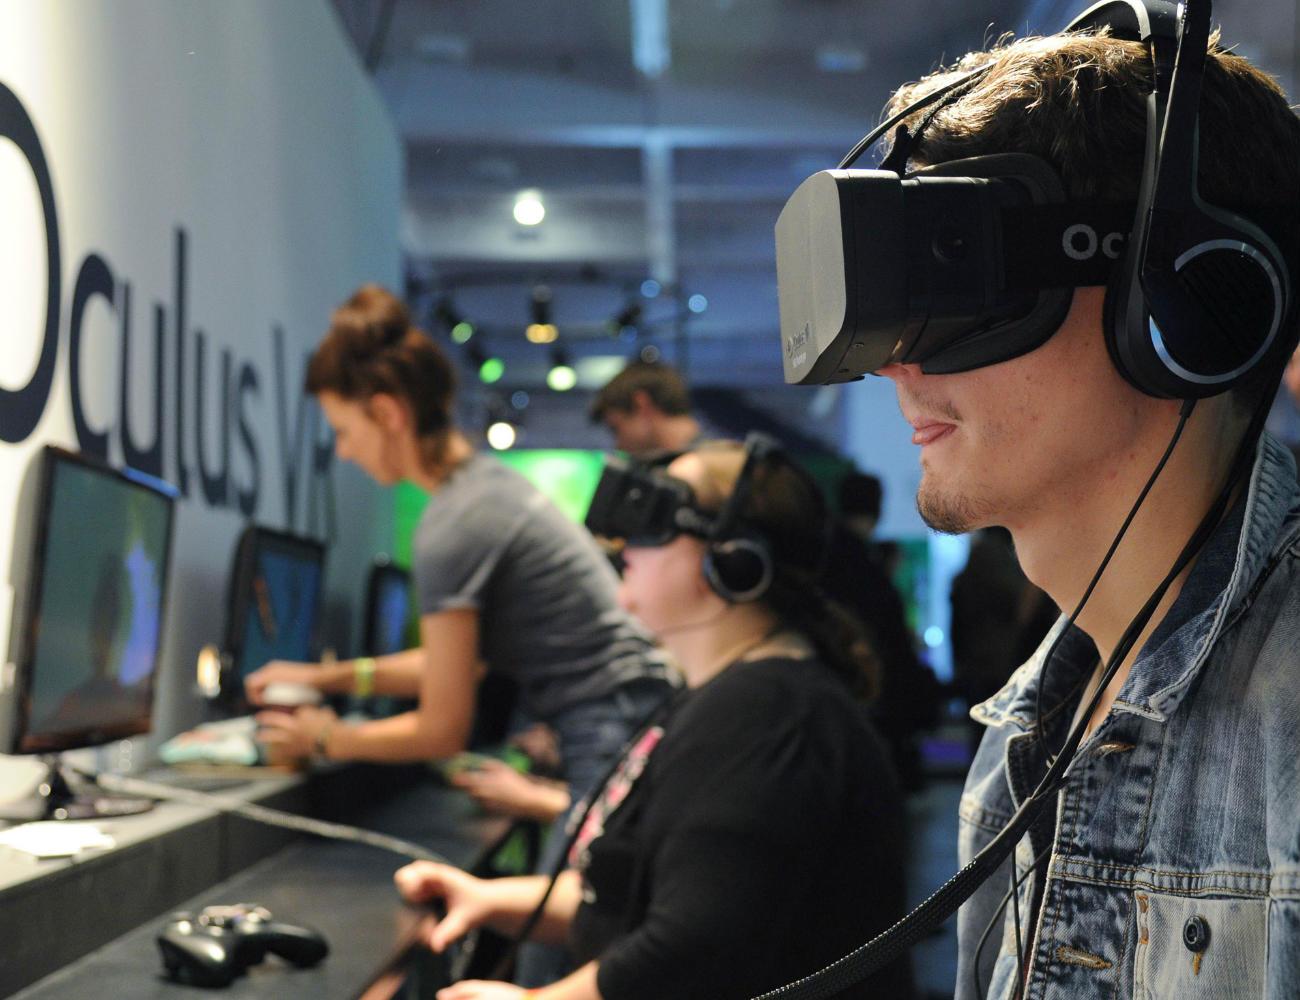 oculus-rift-vr-01